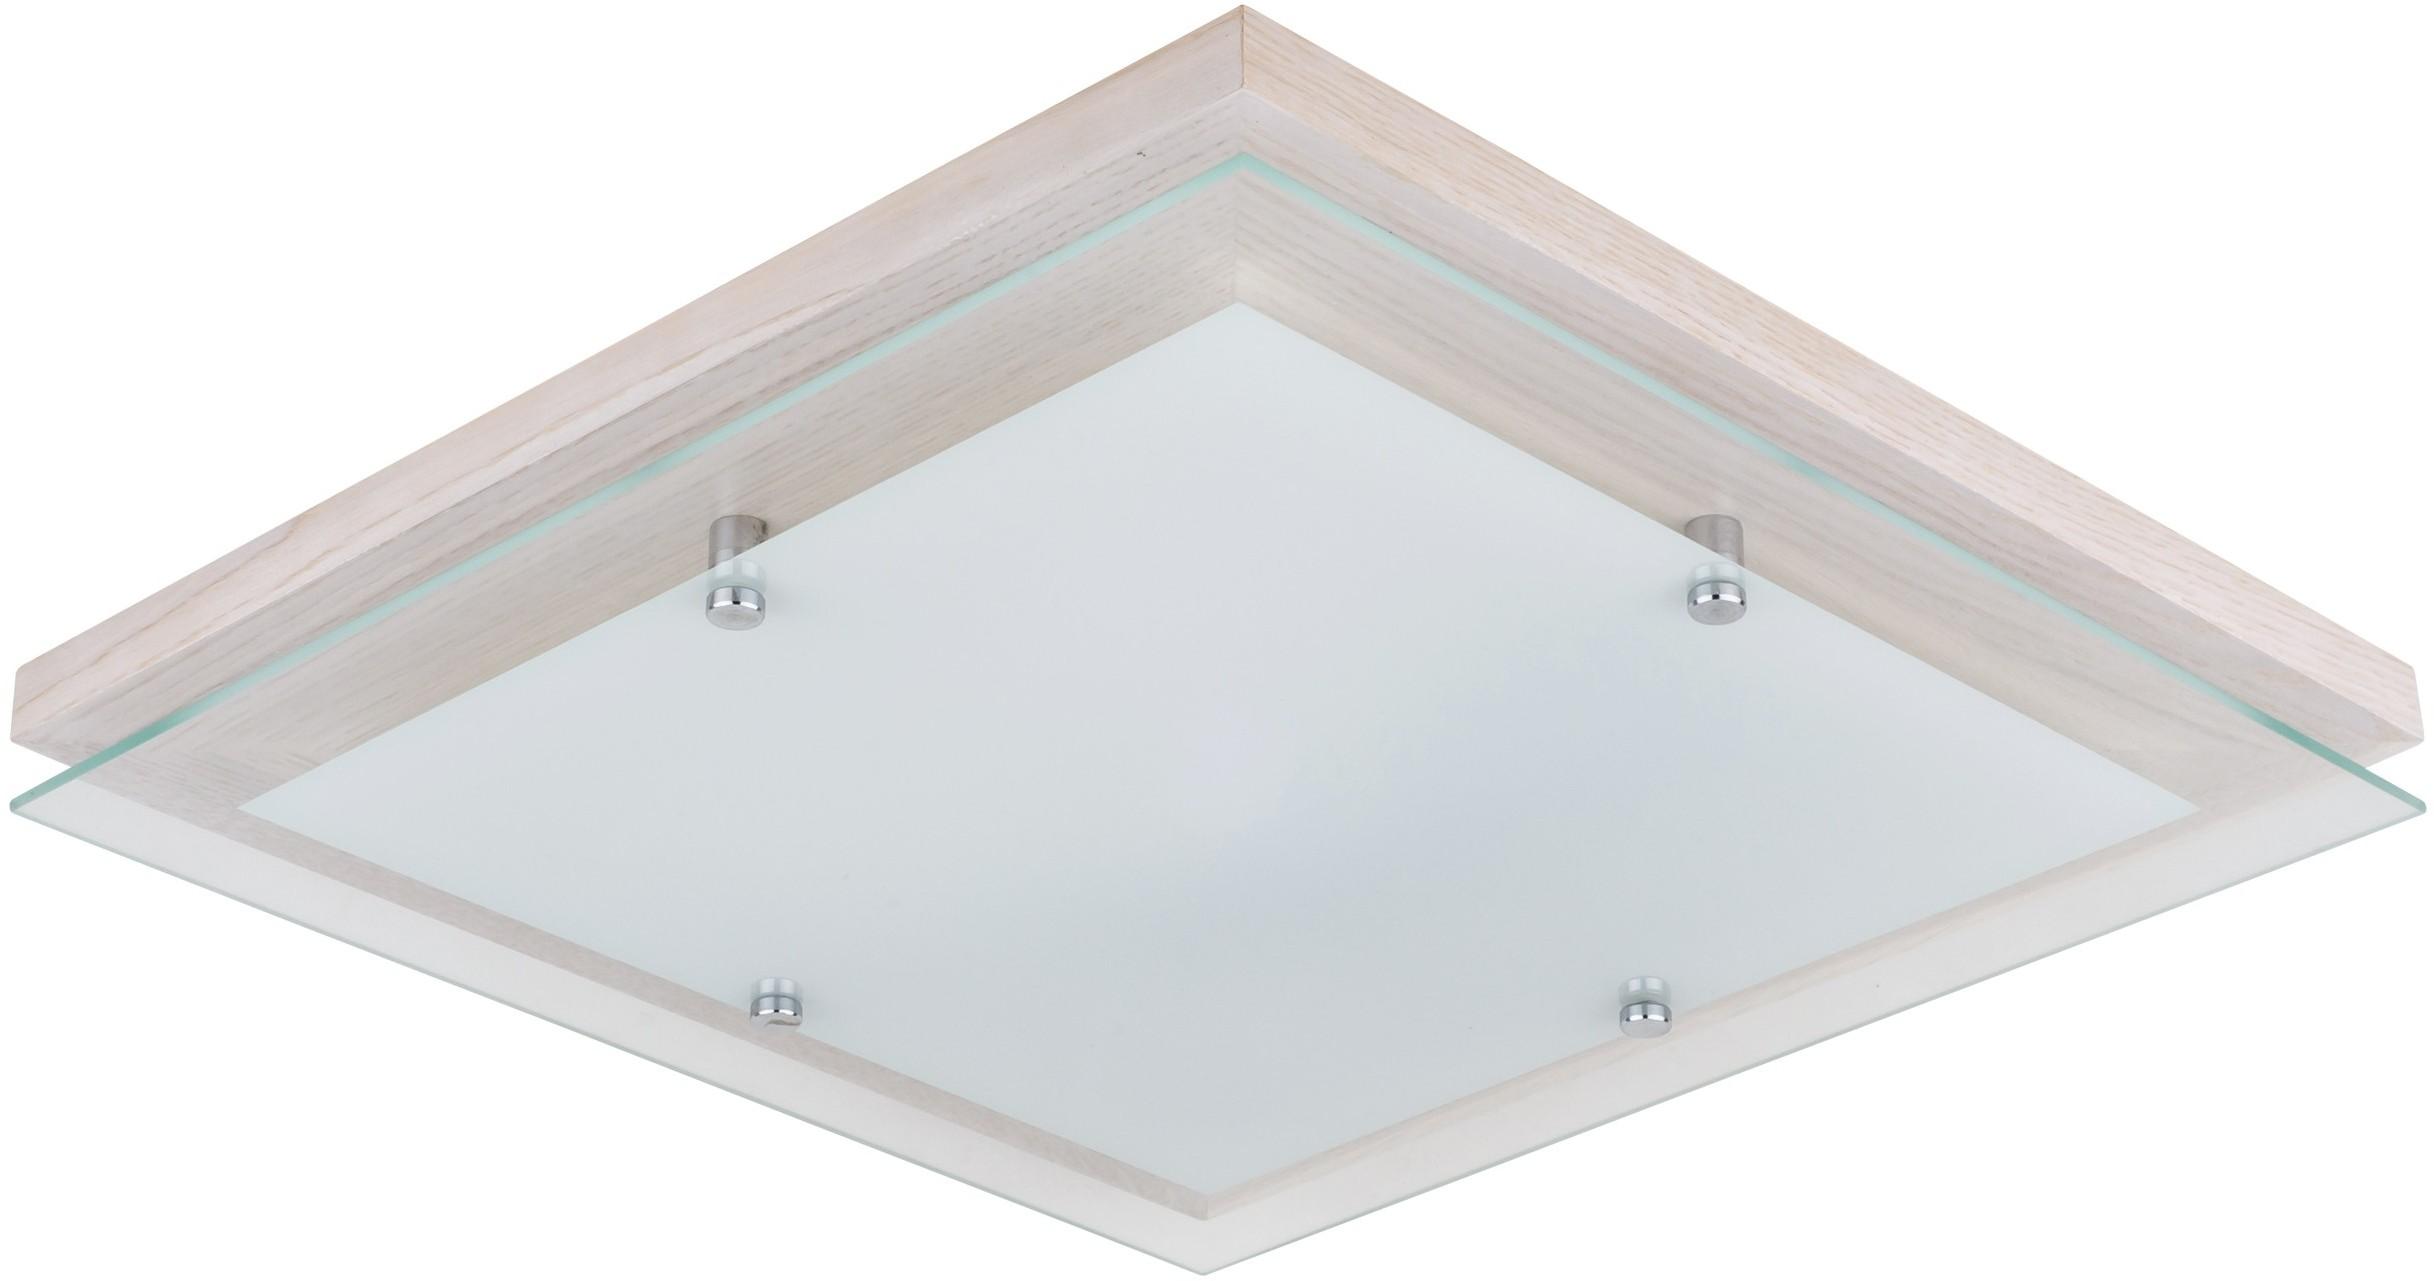 Spotlight FINN plafon LED 24W z funkcją ściemniania dąb bielony 4124032